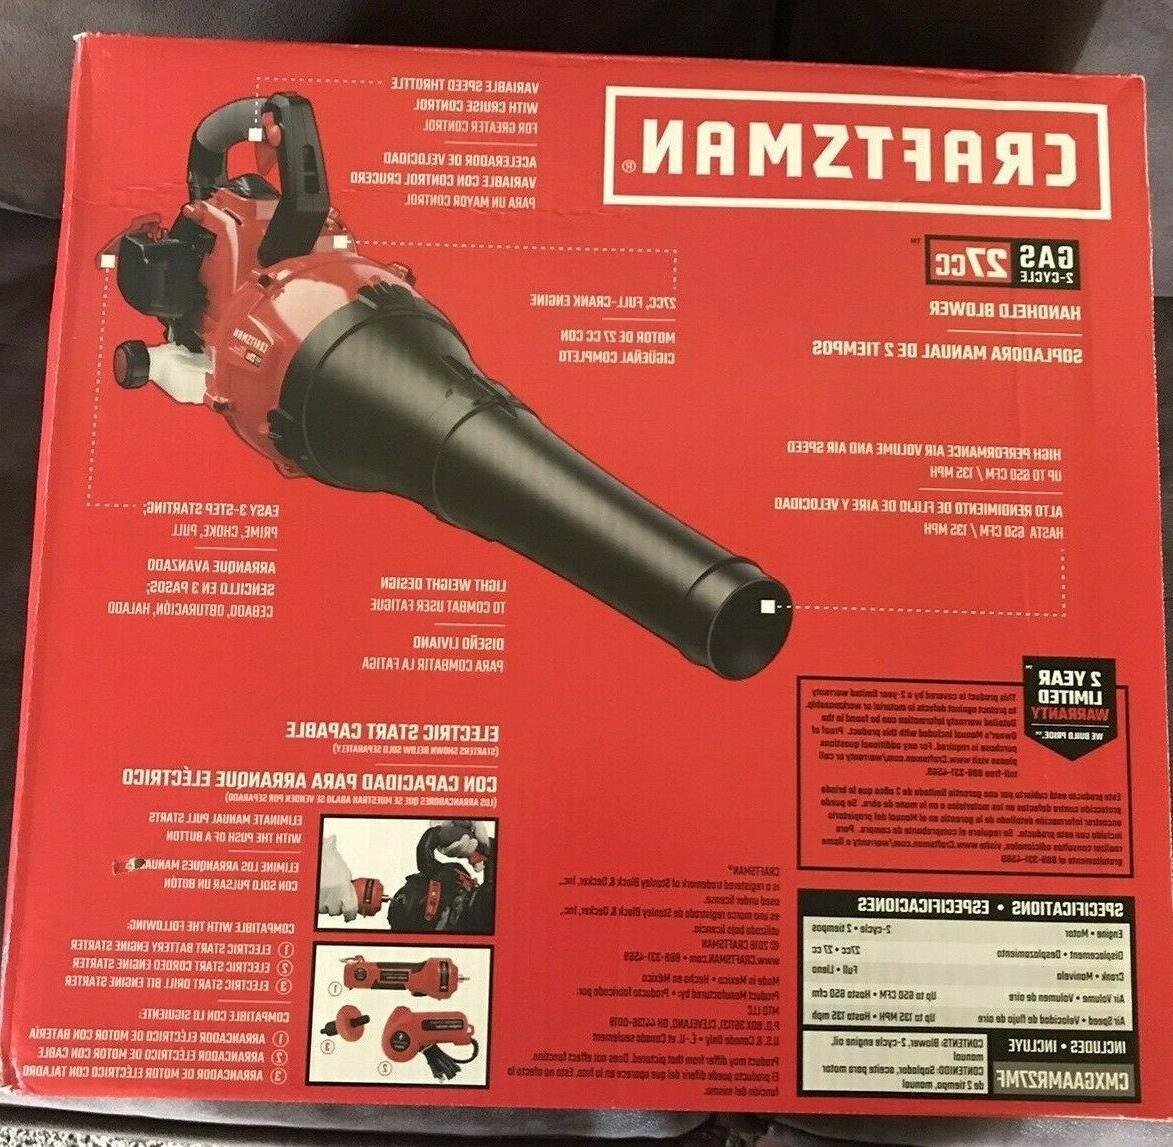 Craftsman Leaf Blower B225 MPH 27cc, CMXGAAMR27MF